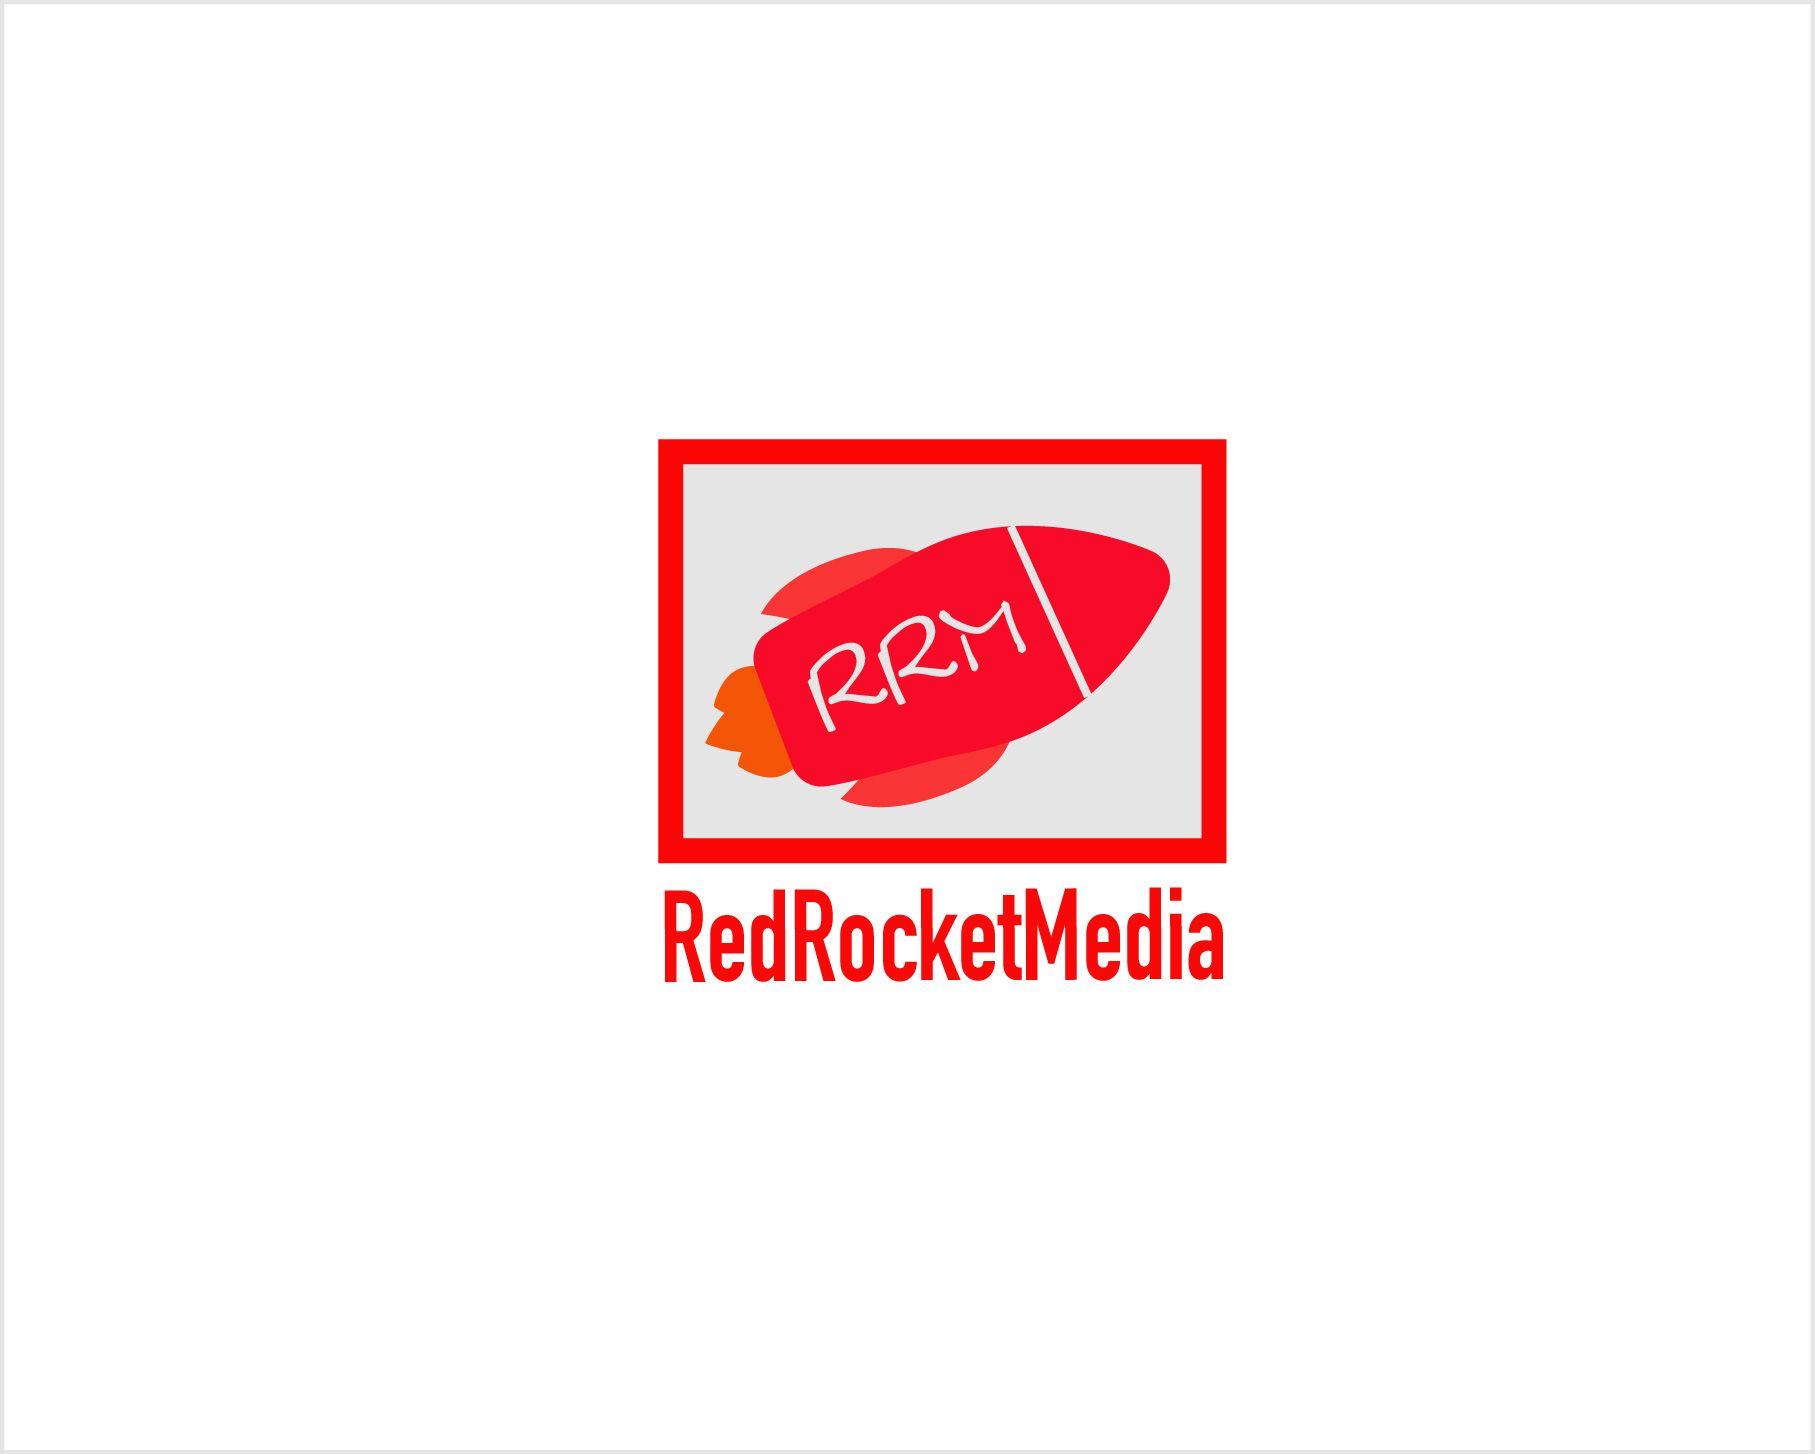 Лого и фирменный стиль для RedRocketMedia - дизайнер gusena23